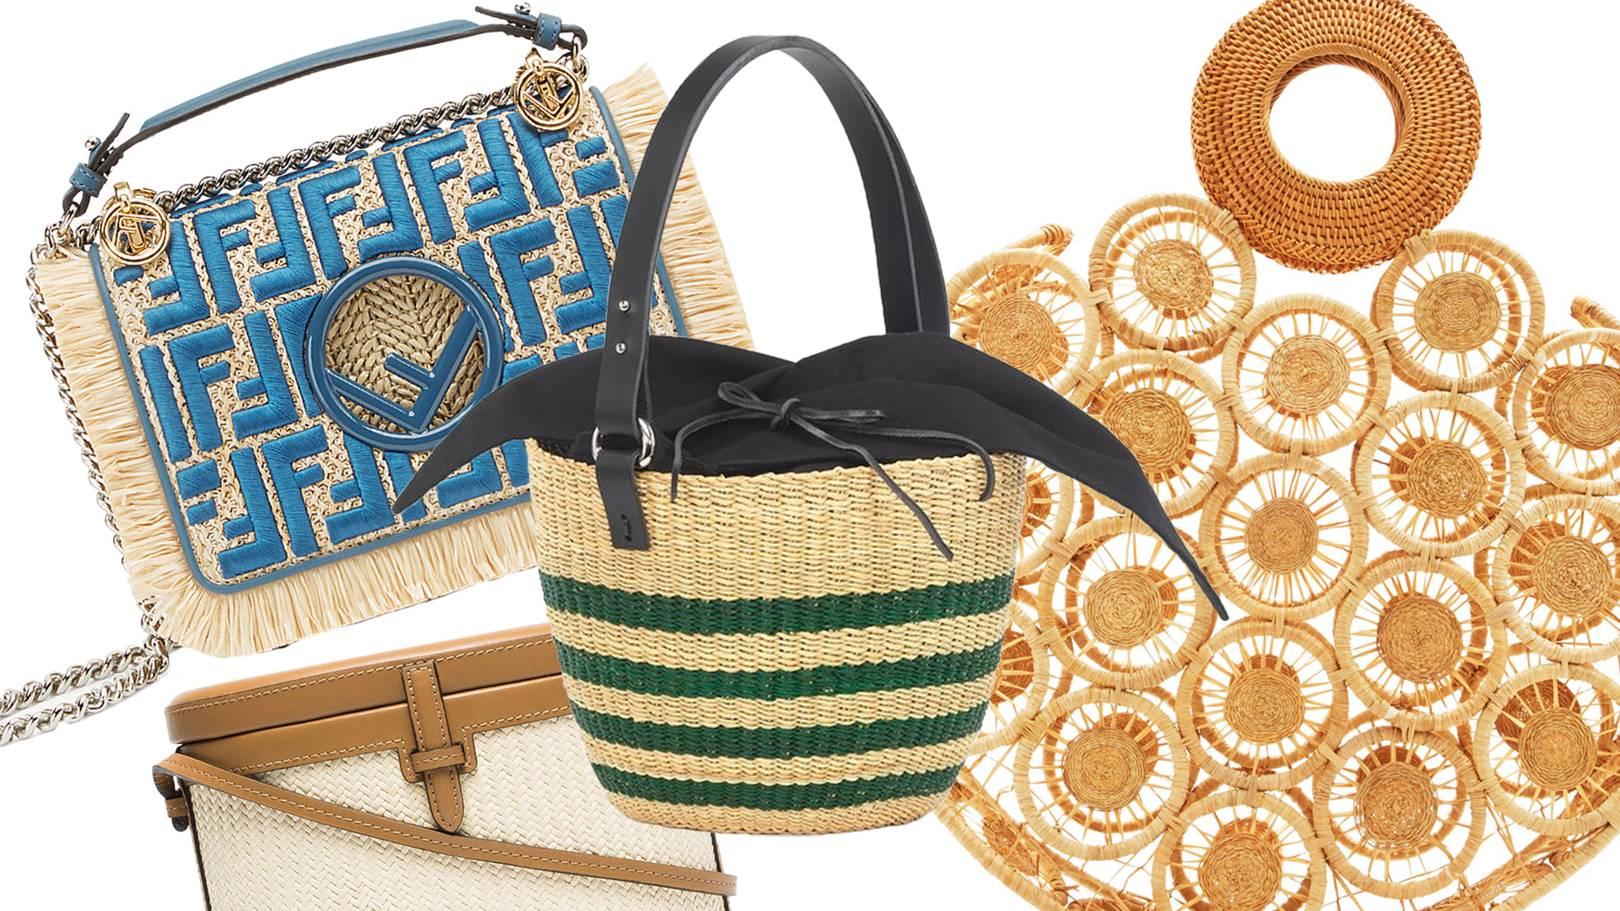 e3e6742e02 Best Basket Bags To Buy Now